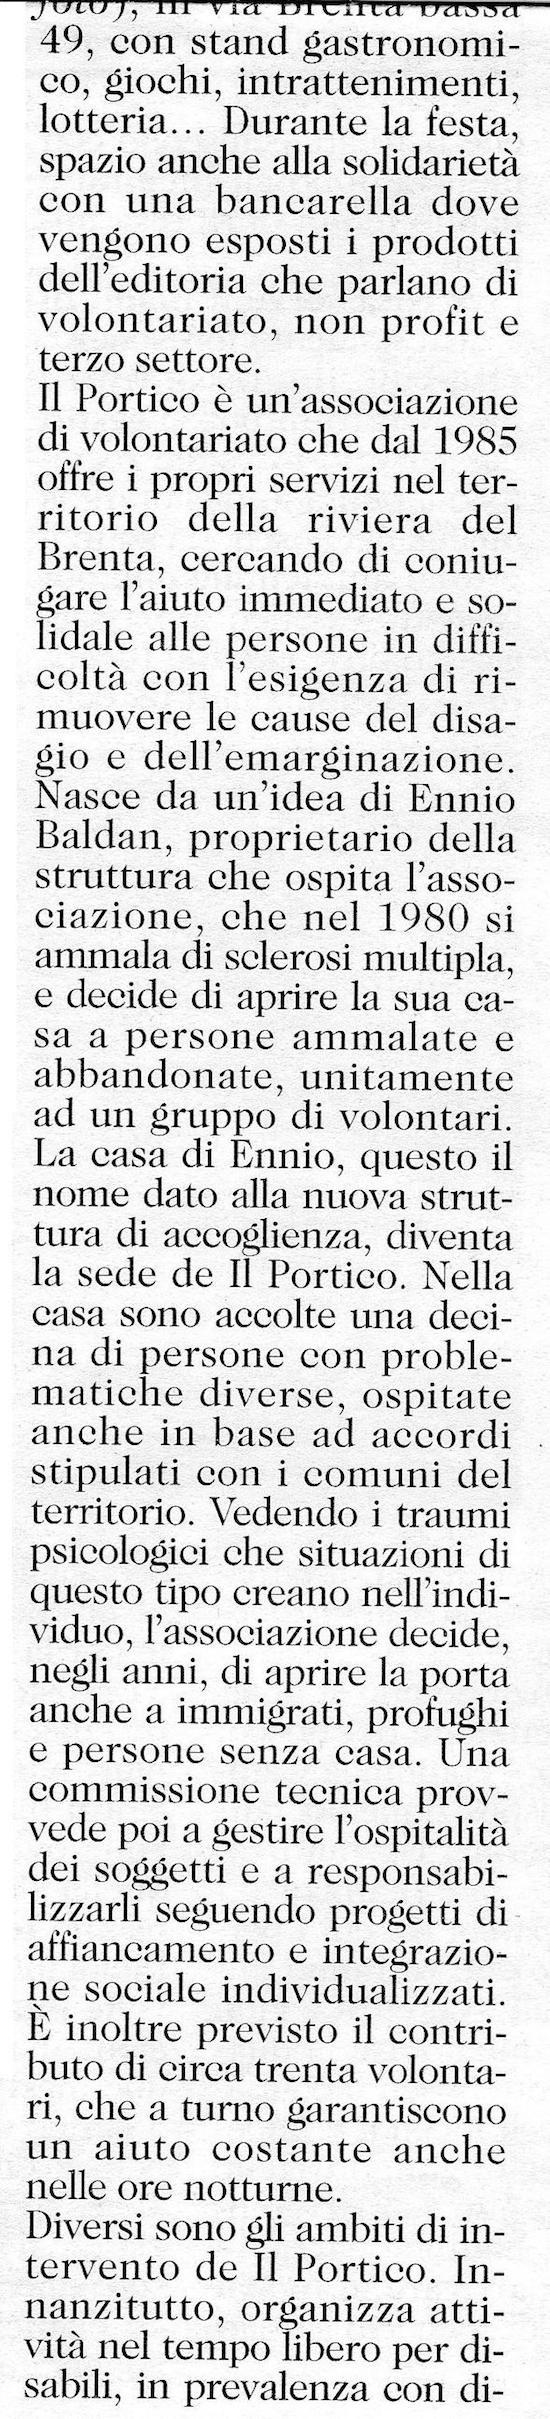 2003.09.07 La Difesa del Popolo (p. 14 basso)